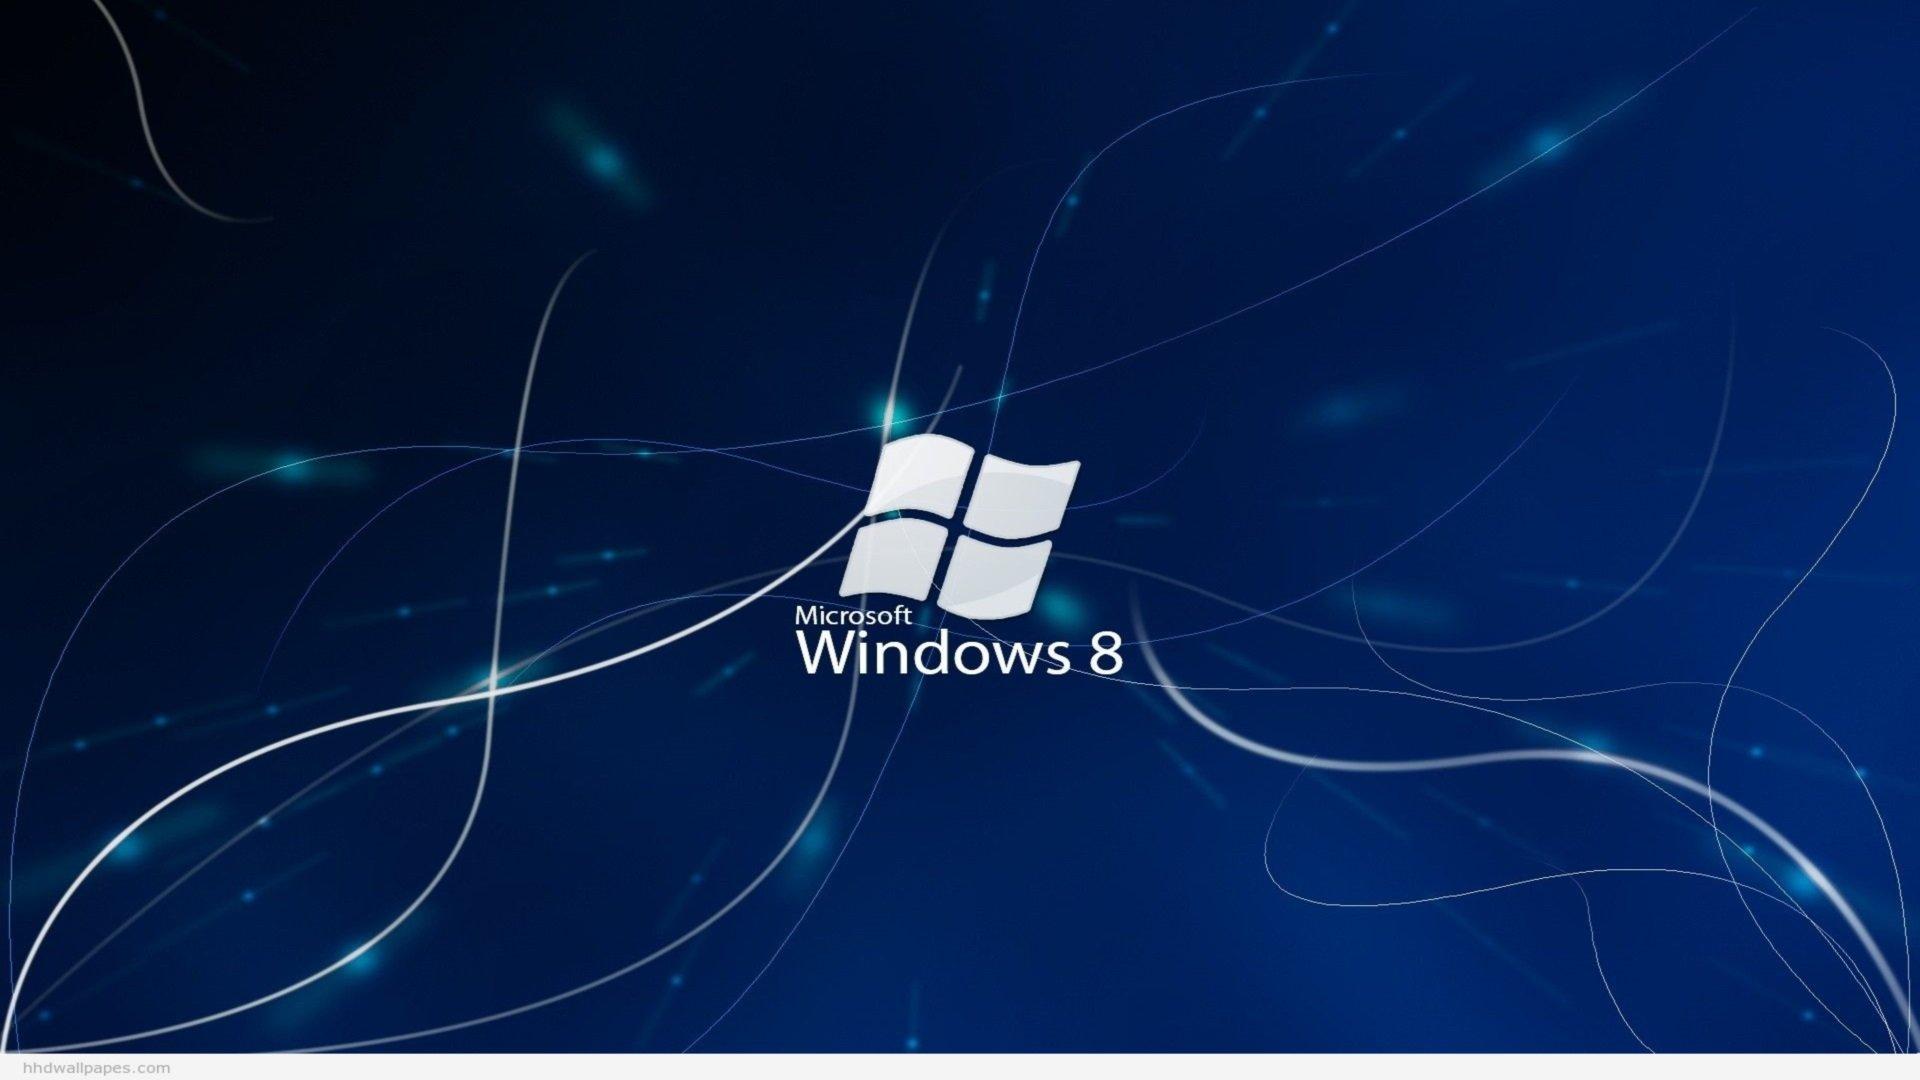 Awesome Windows 8 Free Wallpaper Id - De Windows 8 Pro - HD Wallpaper